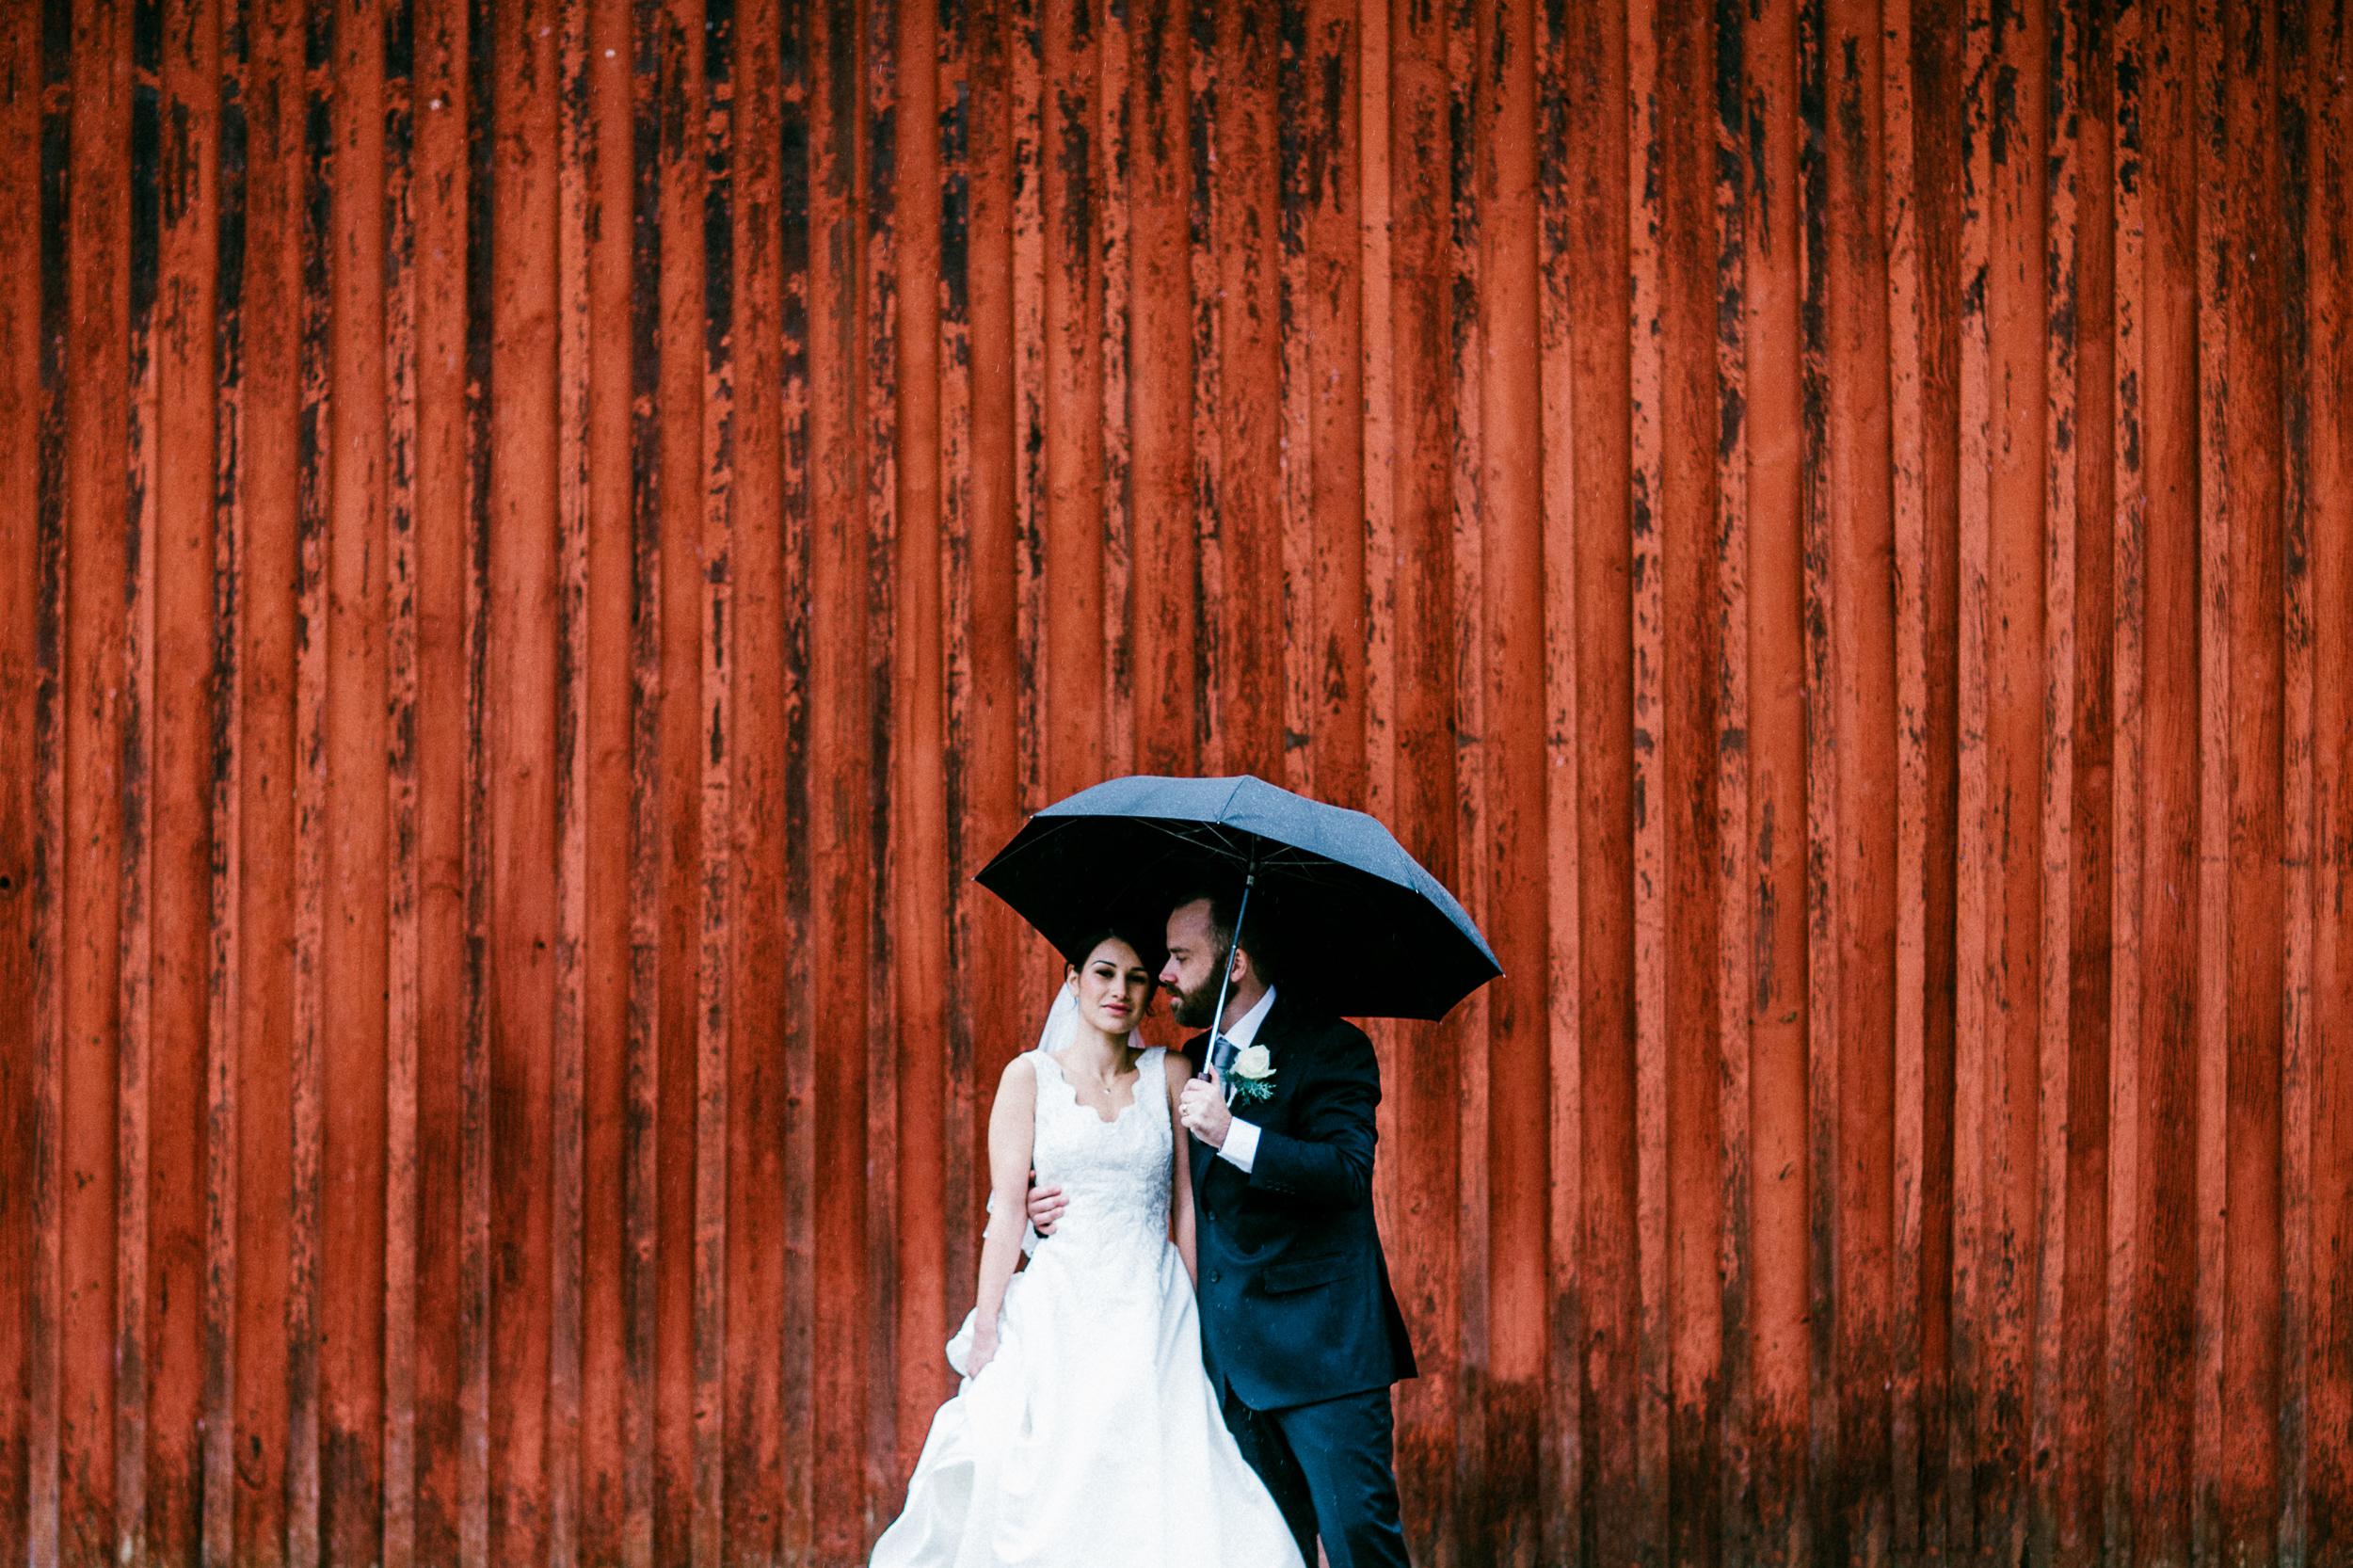 Wedding_Sarah_Tobias_20131109_119